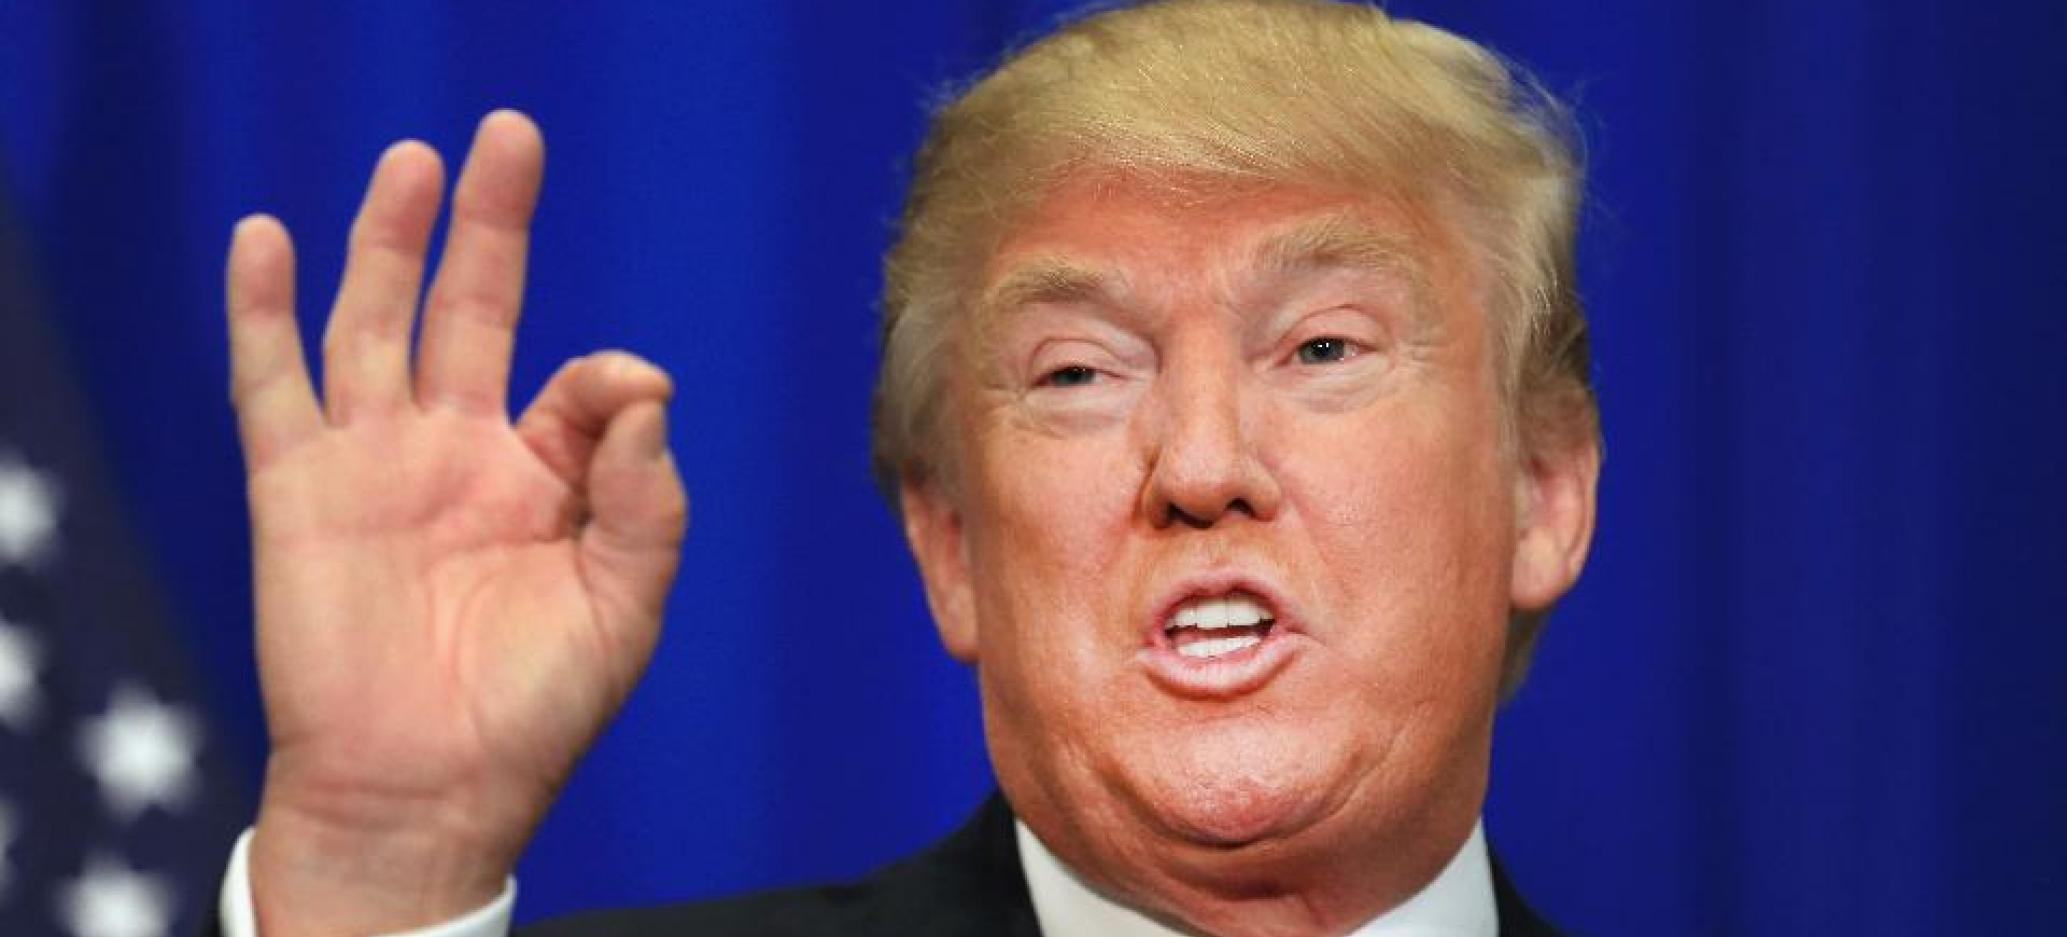 The Case Against Trump